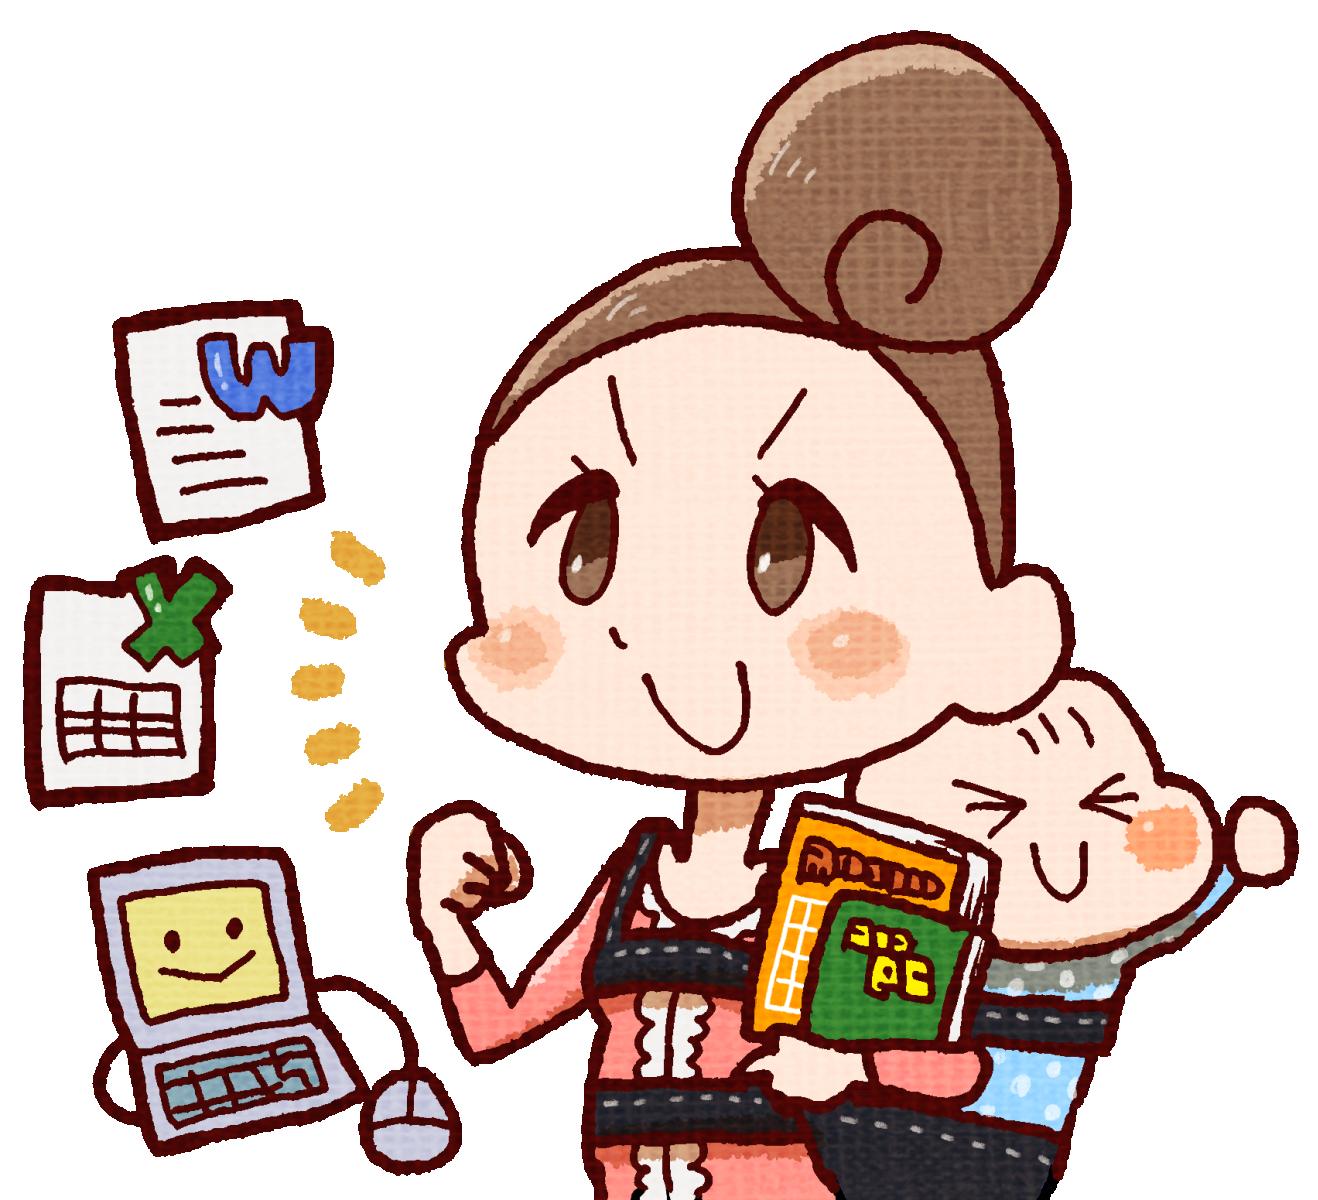 パソコン教室ありがとうは京都府宇治市広野町大久保駅すぐ城陽市からも便利な立地のパソコン教室